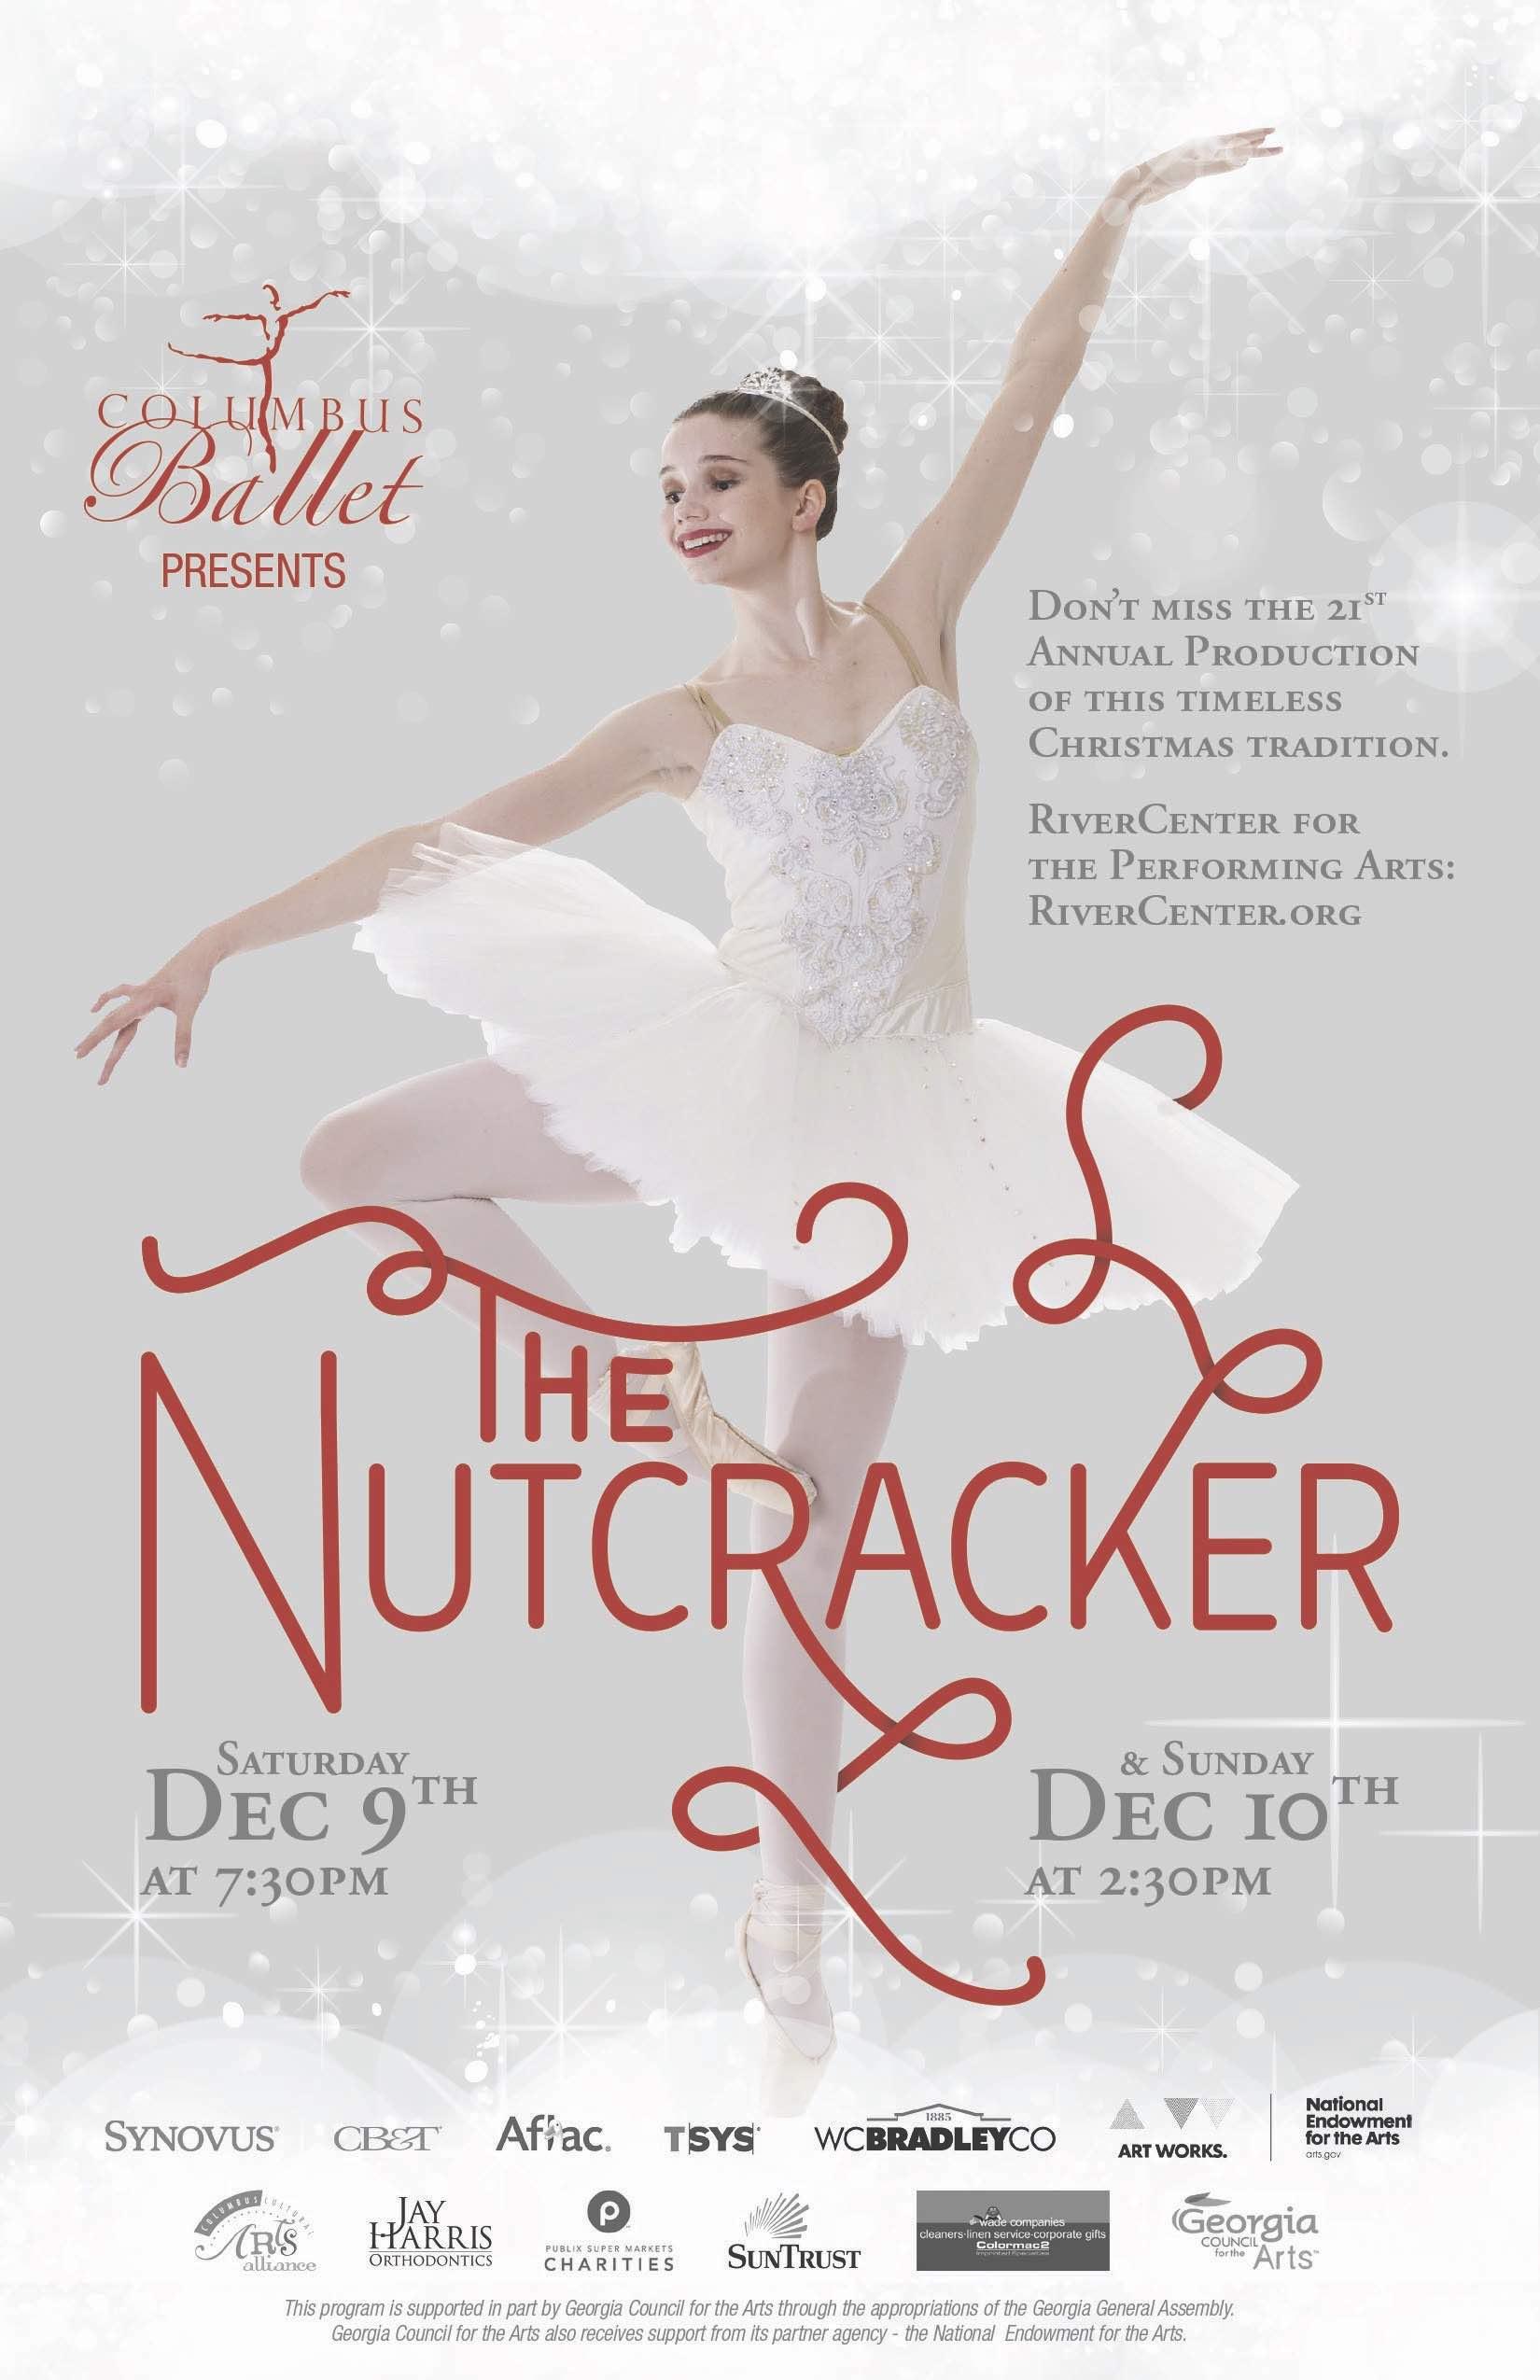 The Columbus Ballet PresentsThe Nutcracker